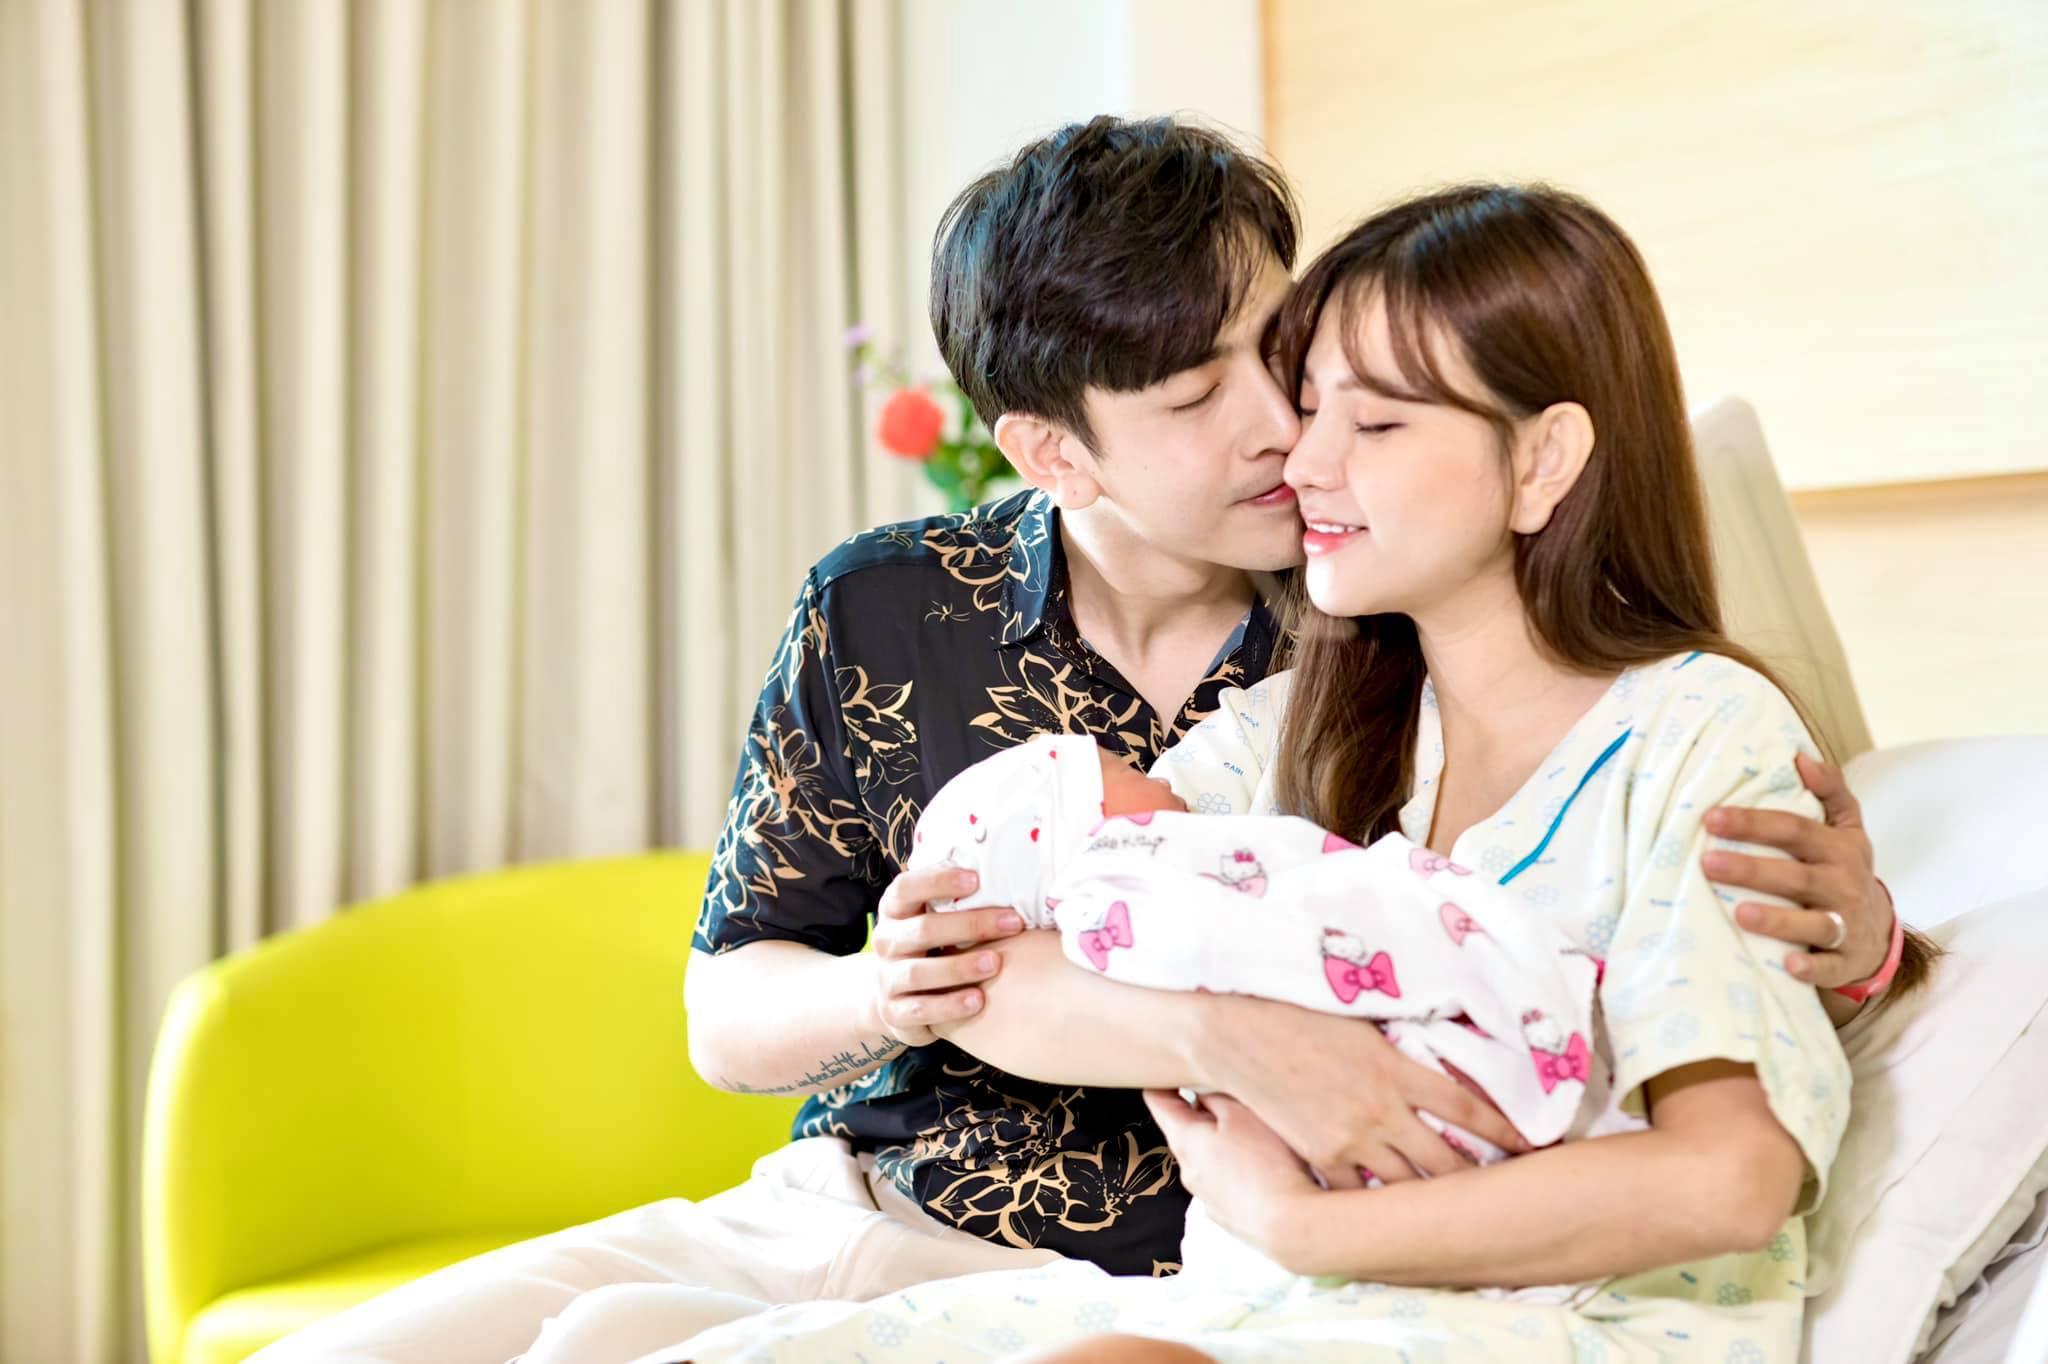 Thu Thủy nói lời ngọt ngào chúc mừng sinh nhật chồng trẻ